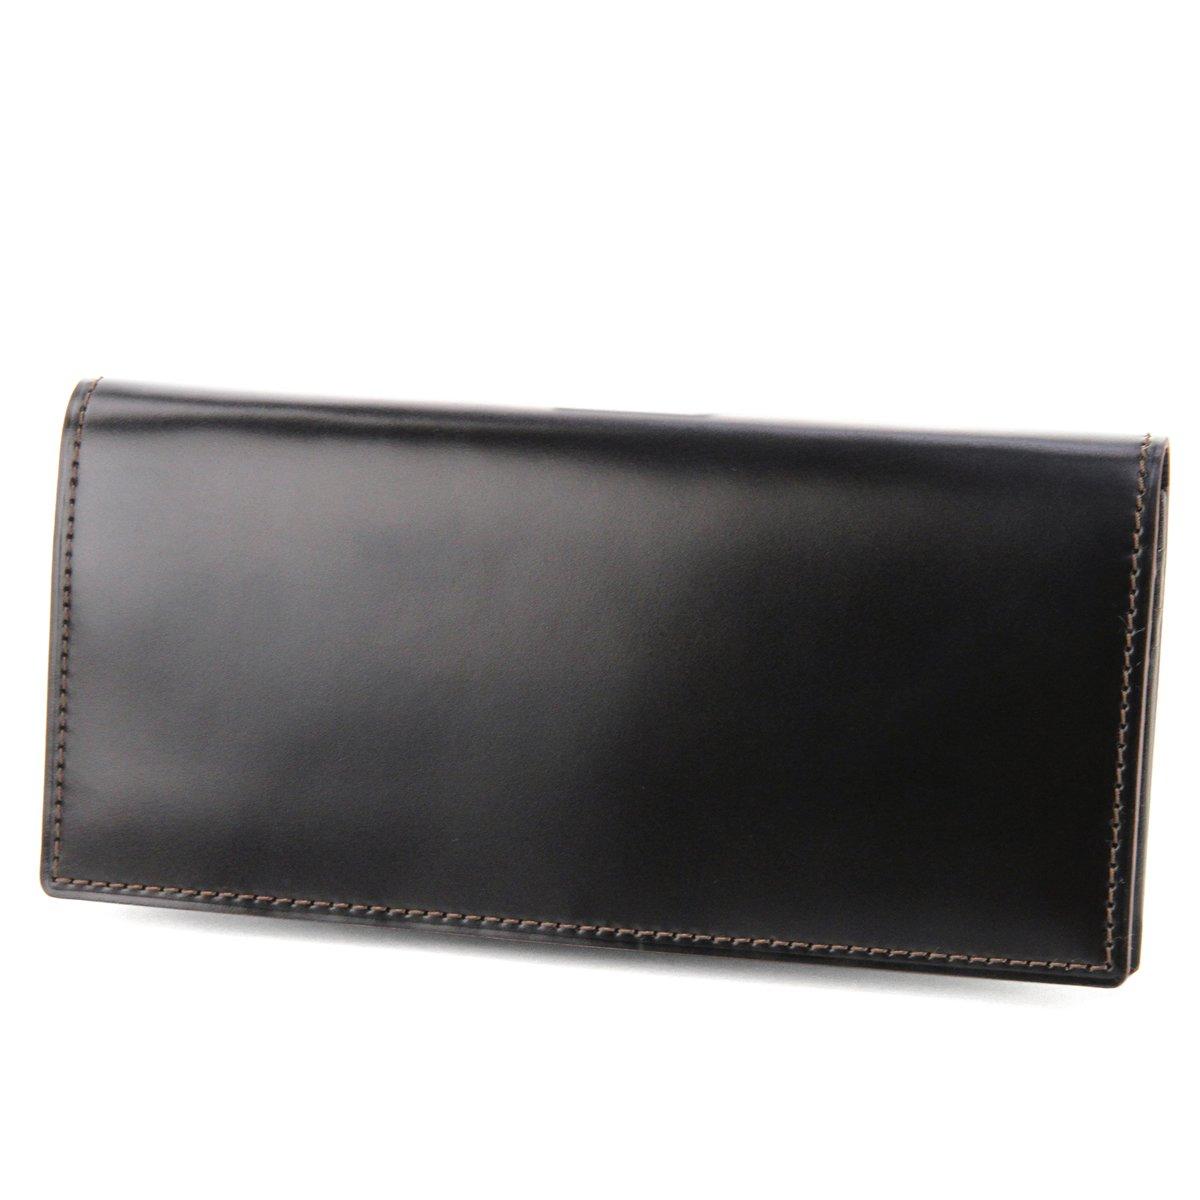 [エルゴポック] 二つ折り長財布 コードバン 本革 CVW-WTL メンズ B07D9FLGV8 ブラック